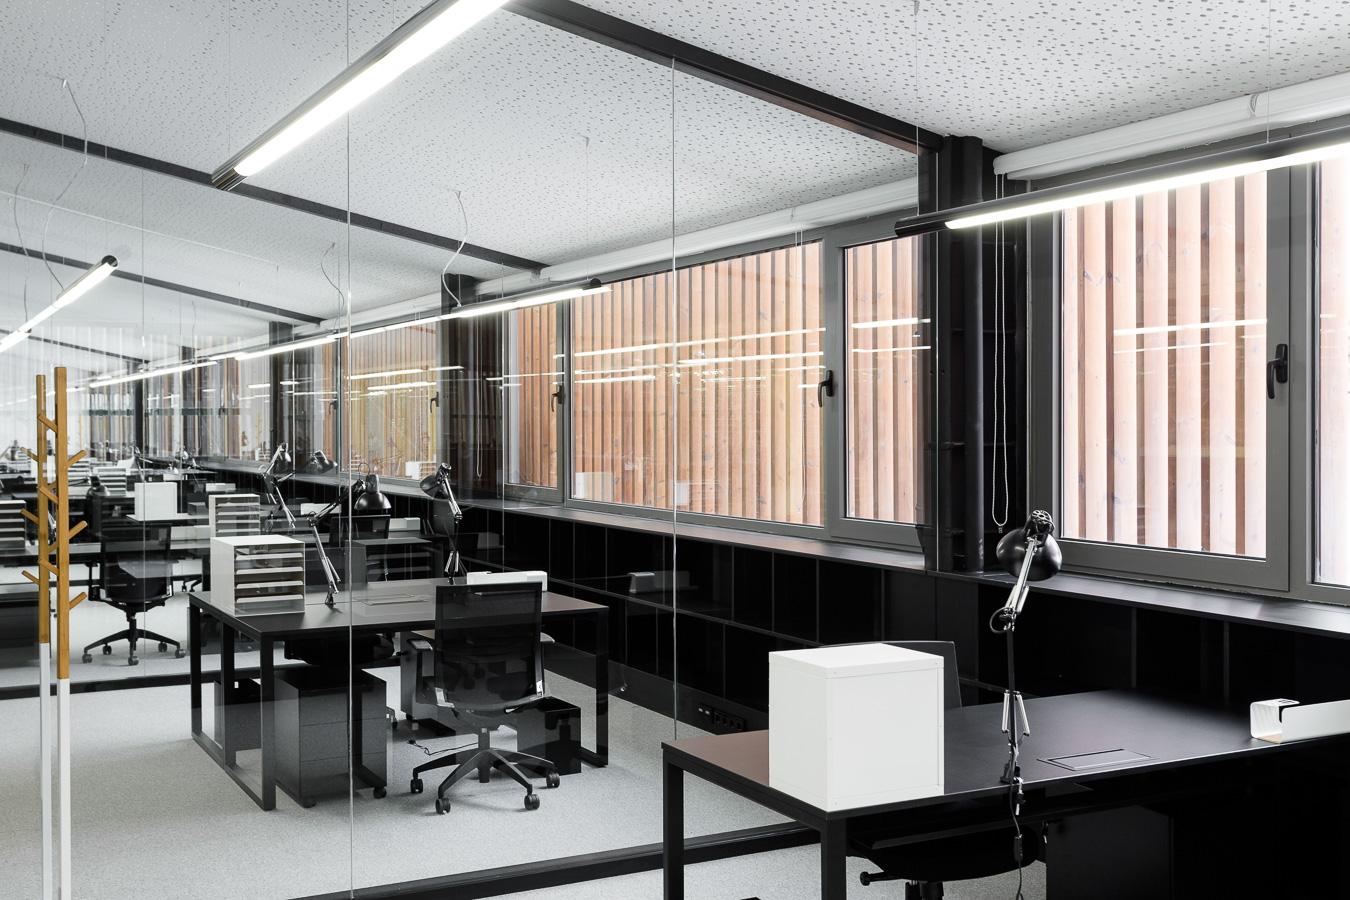 Arquitecto César Machado Moreira – GO PORTO